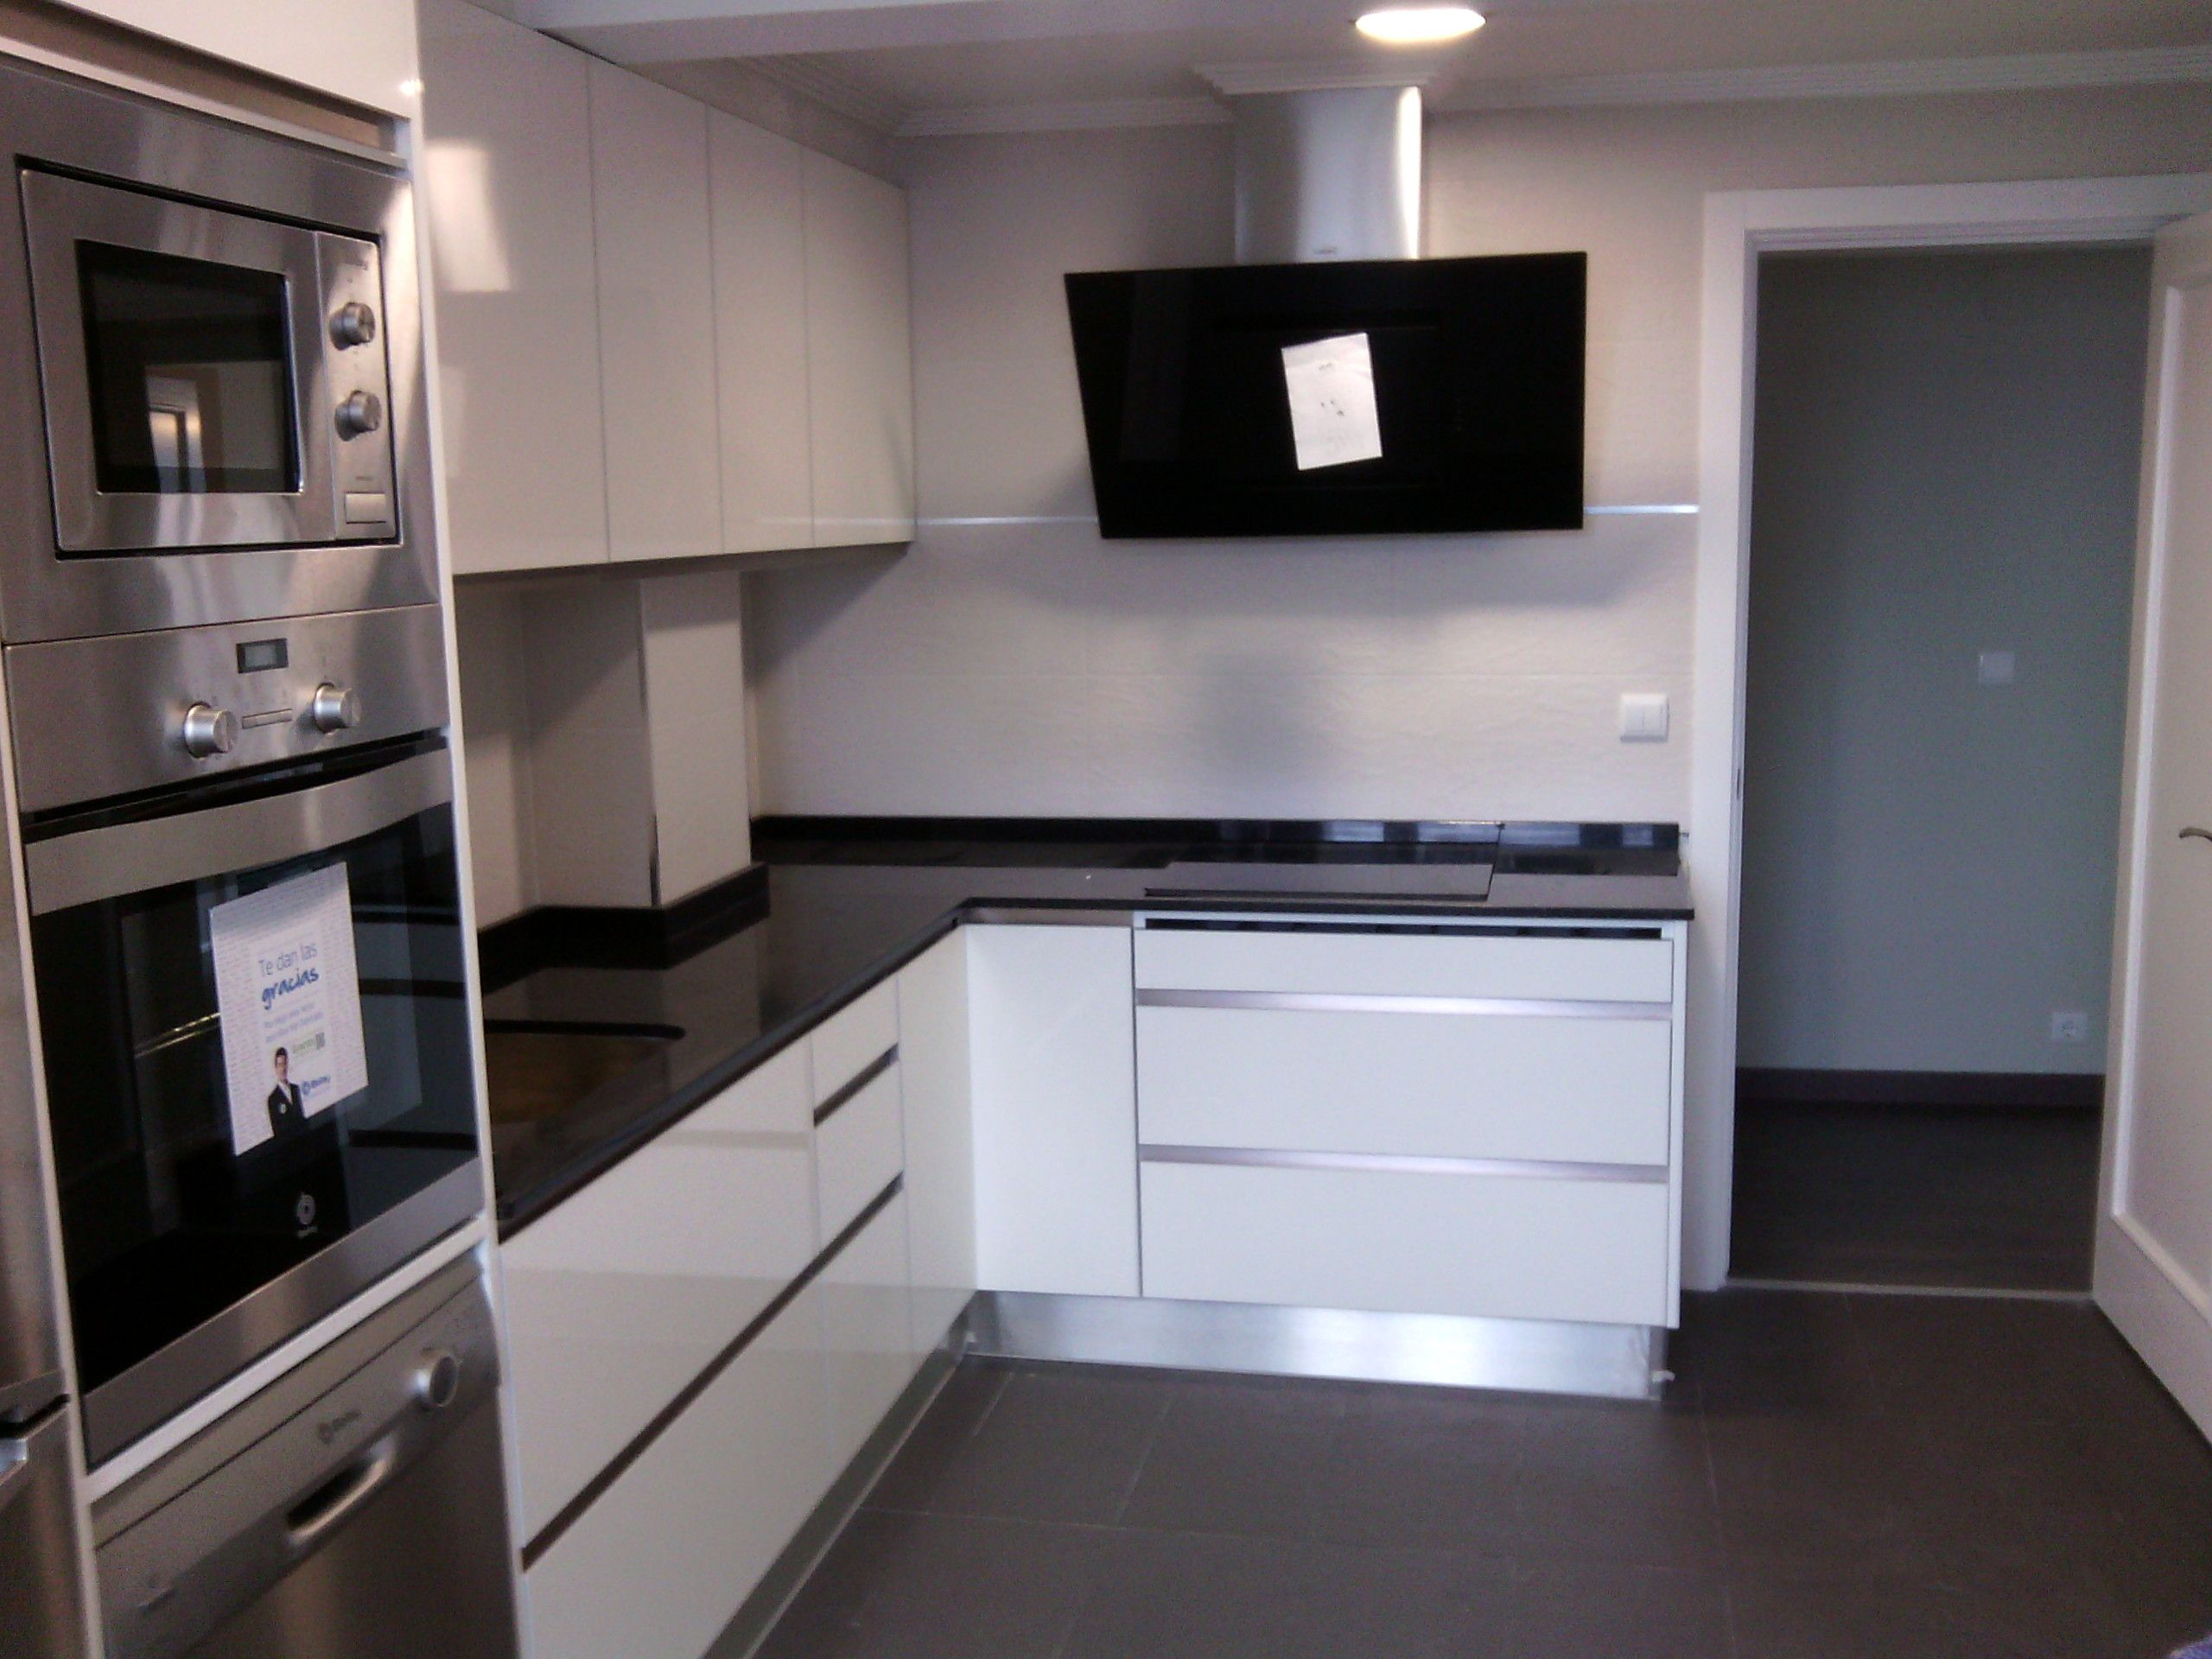 Ideas de color de la cocina con muebles blancos - Ideas De Cocina Estilo Contemporaneo Color Blanco Negro